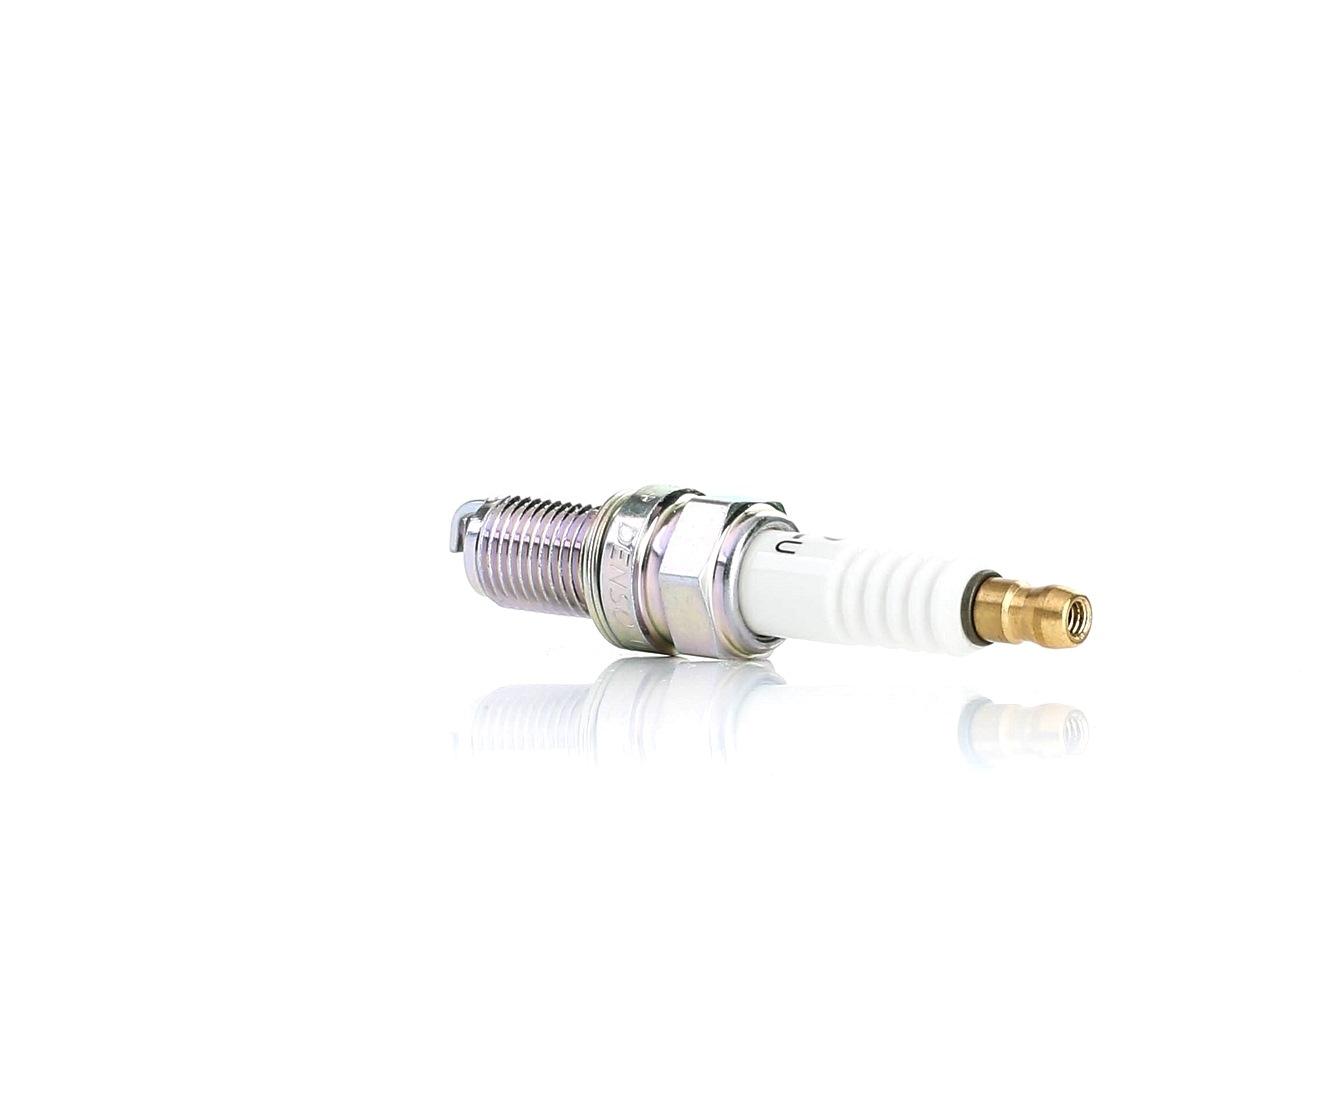 Zapalovací svíčka XU24EPR-U ve slevě – kupujte ihned!